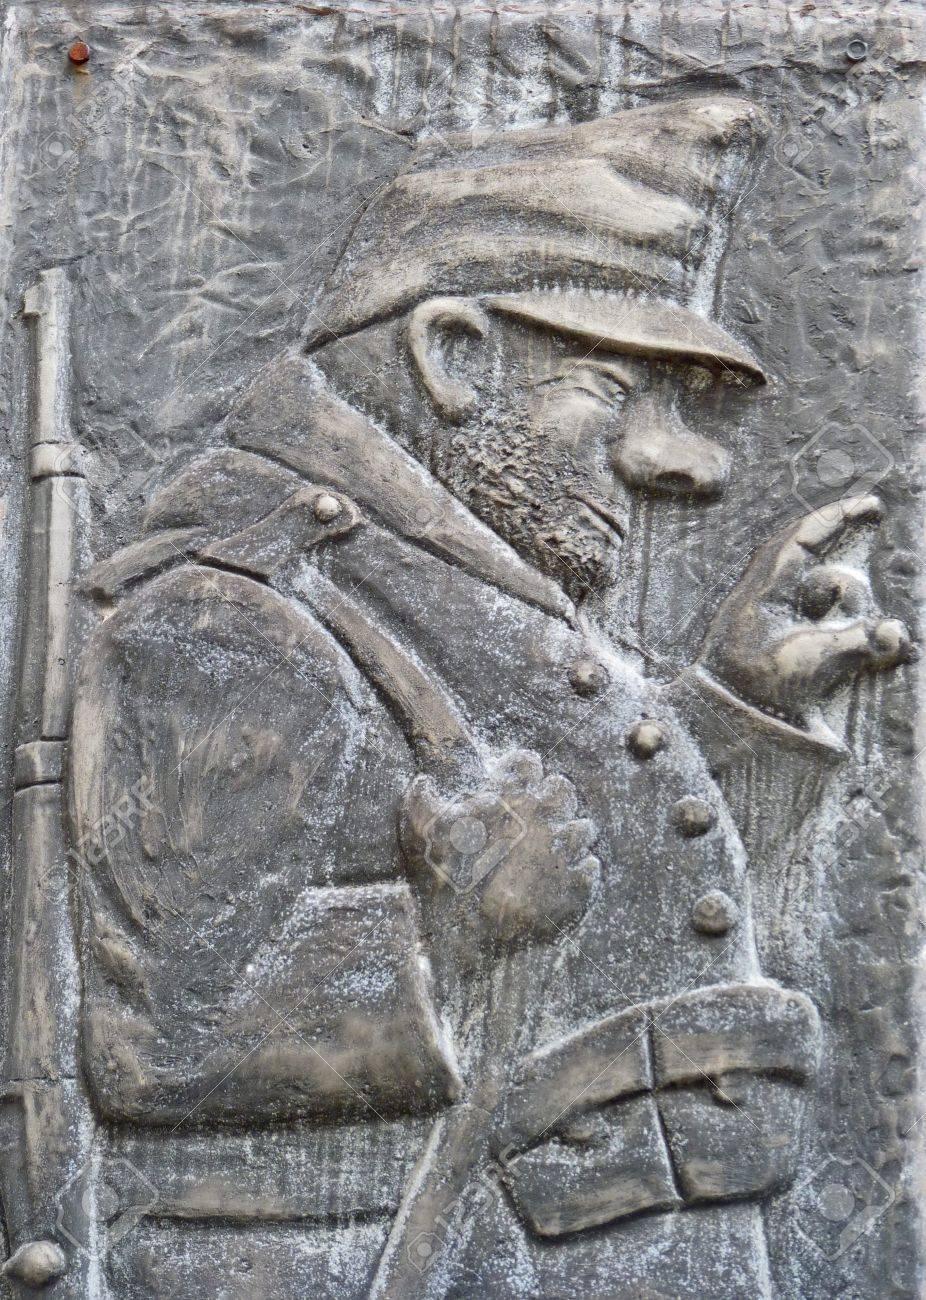 Hunter Skulptur An Der Wand Lizenzfreie Fotos Bilder Und Stock Fotografie Image 21853081